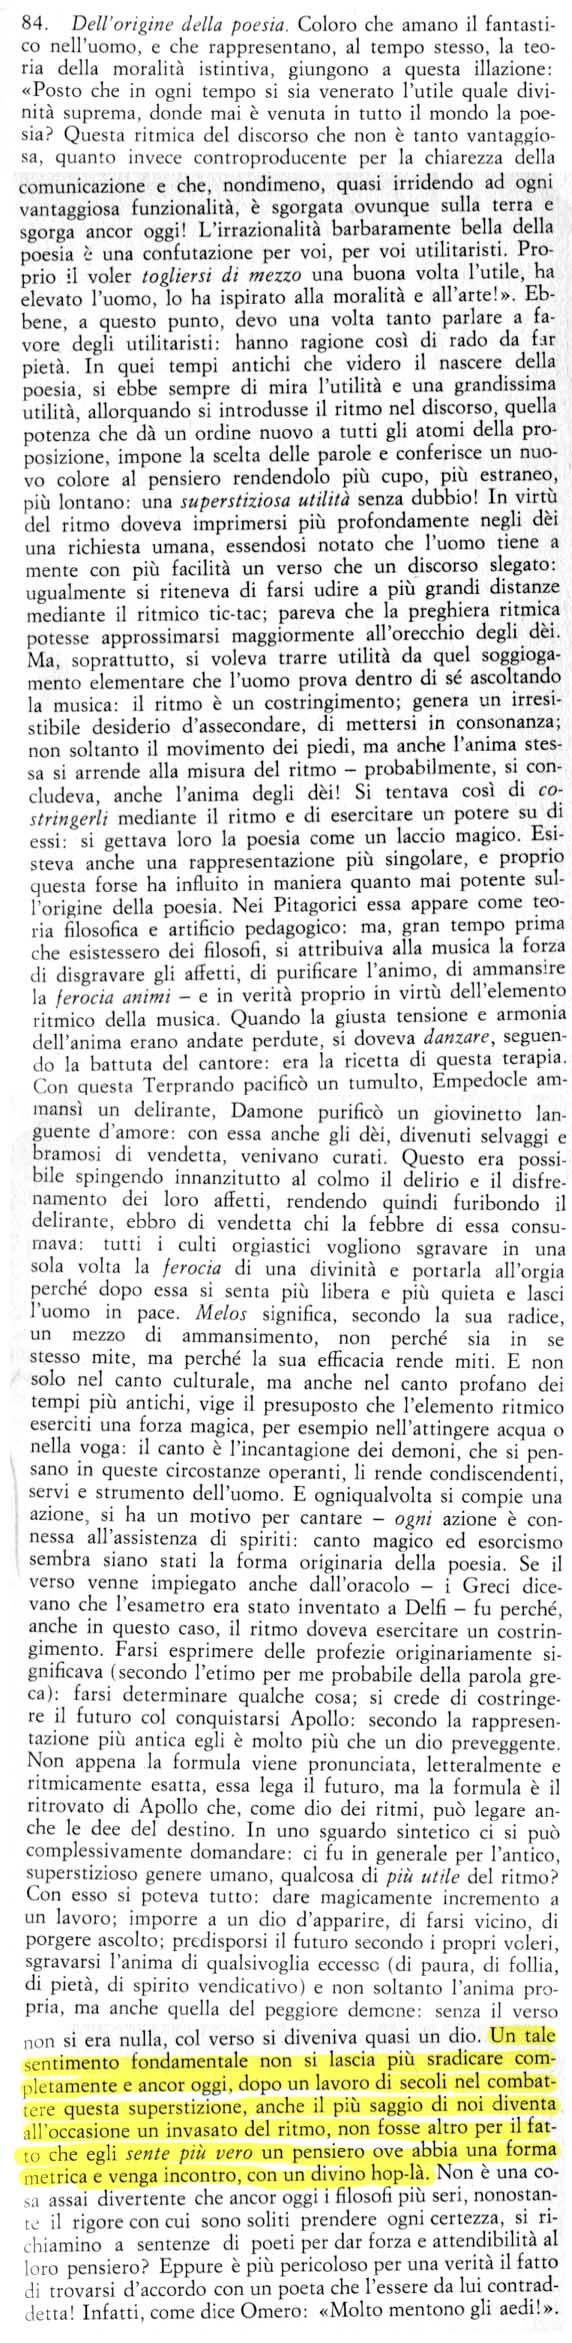 Friedrich Nietzsche, La Gaia Scienza, aforisma 84